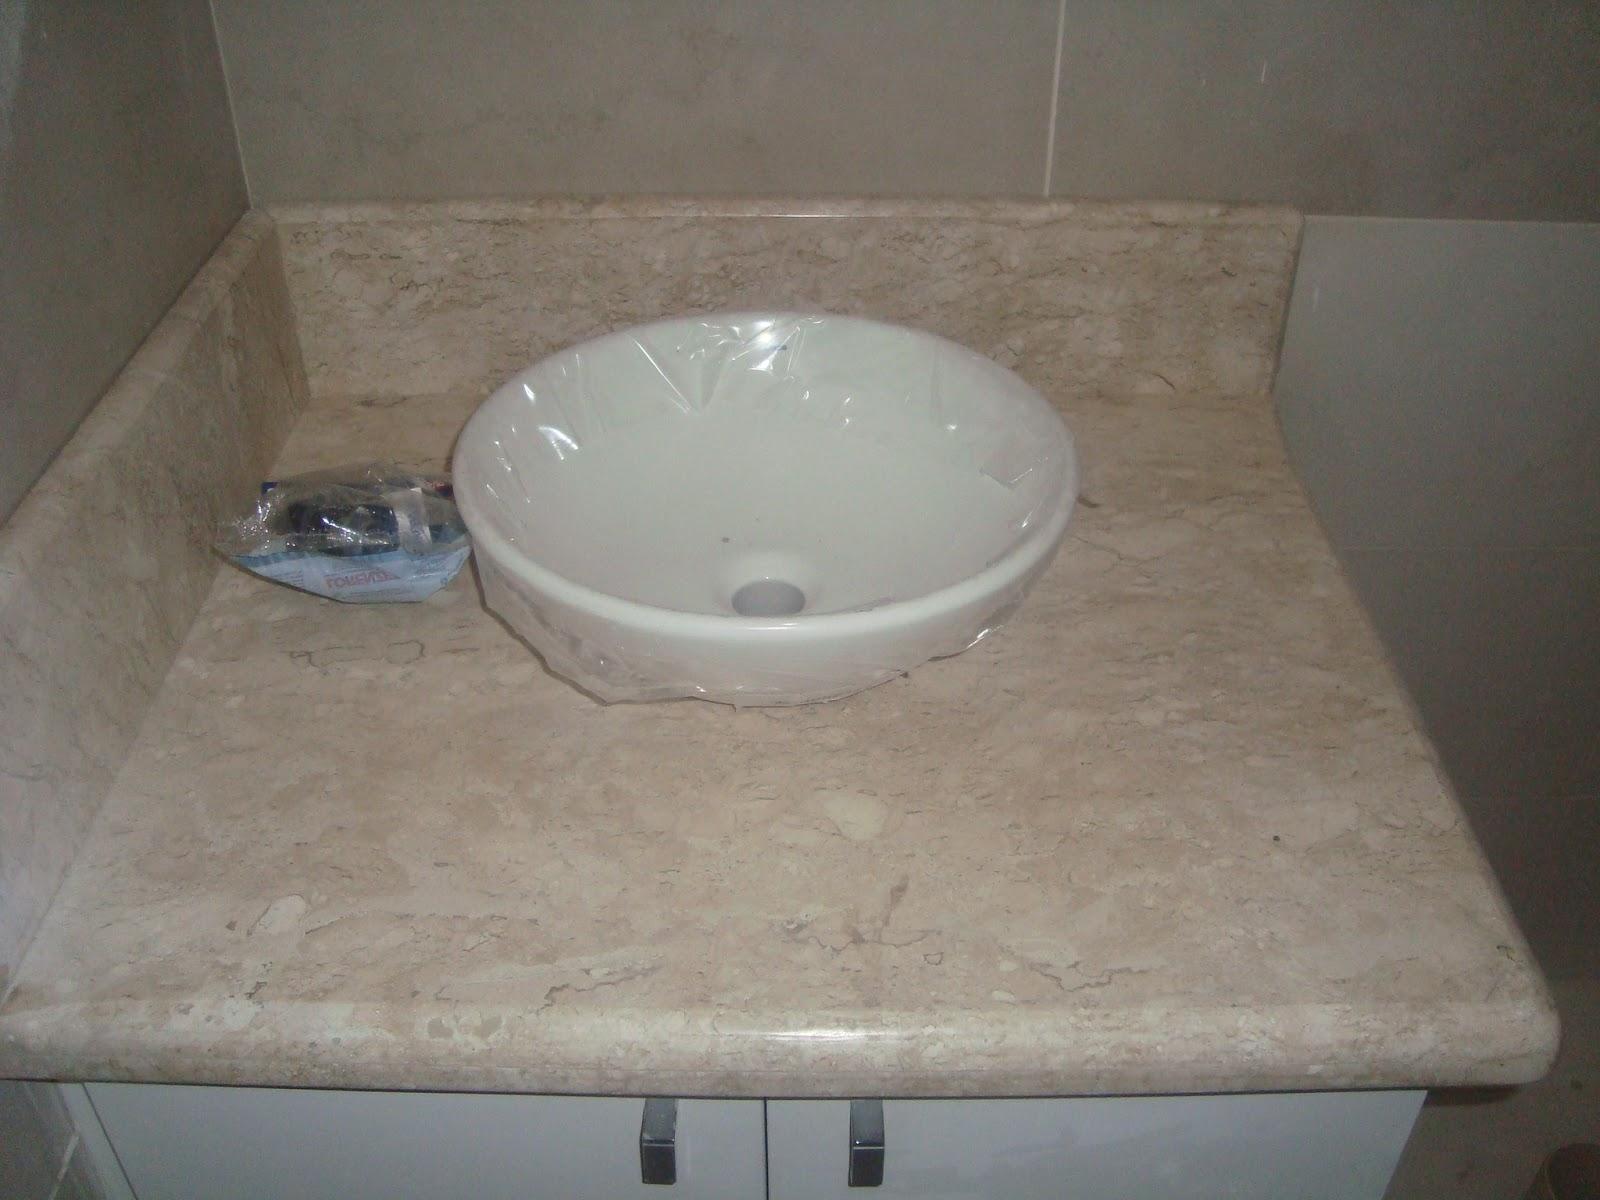 Banheiro do meu filhote marmore travertino #726959 1600x1200 Banheiro Com Granito Travertino